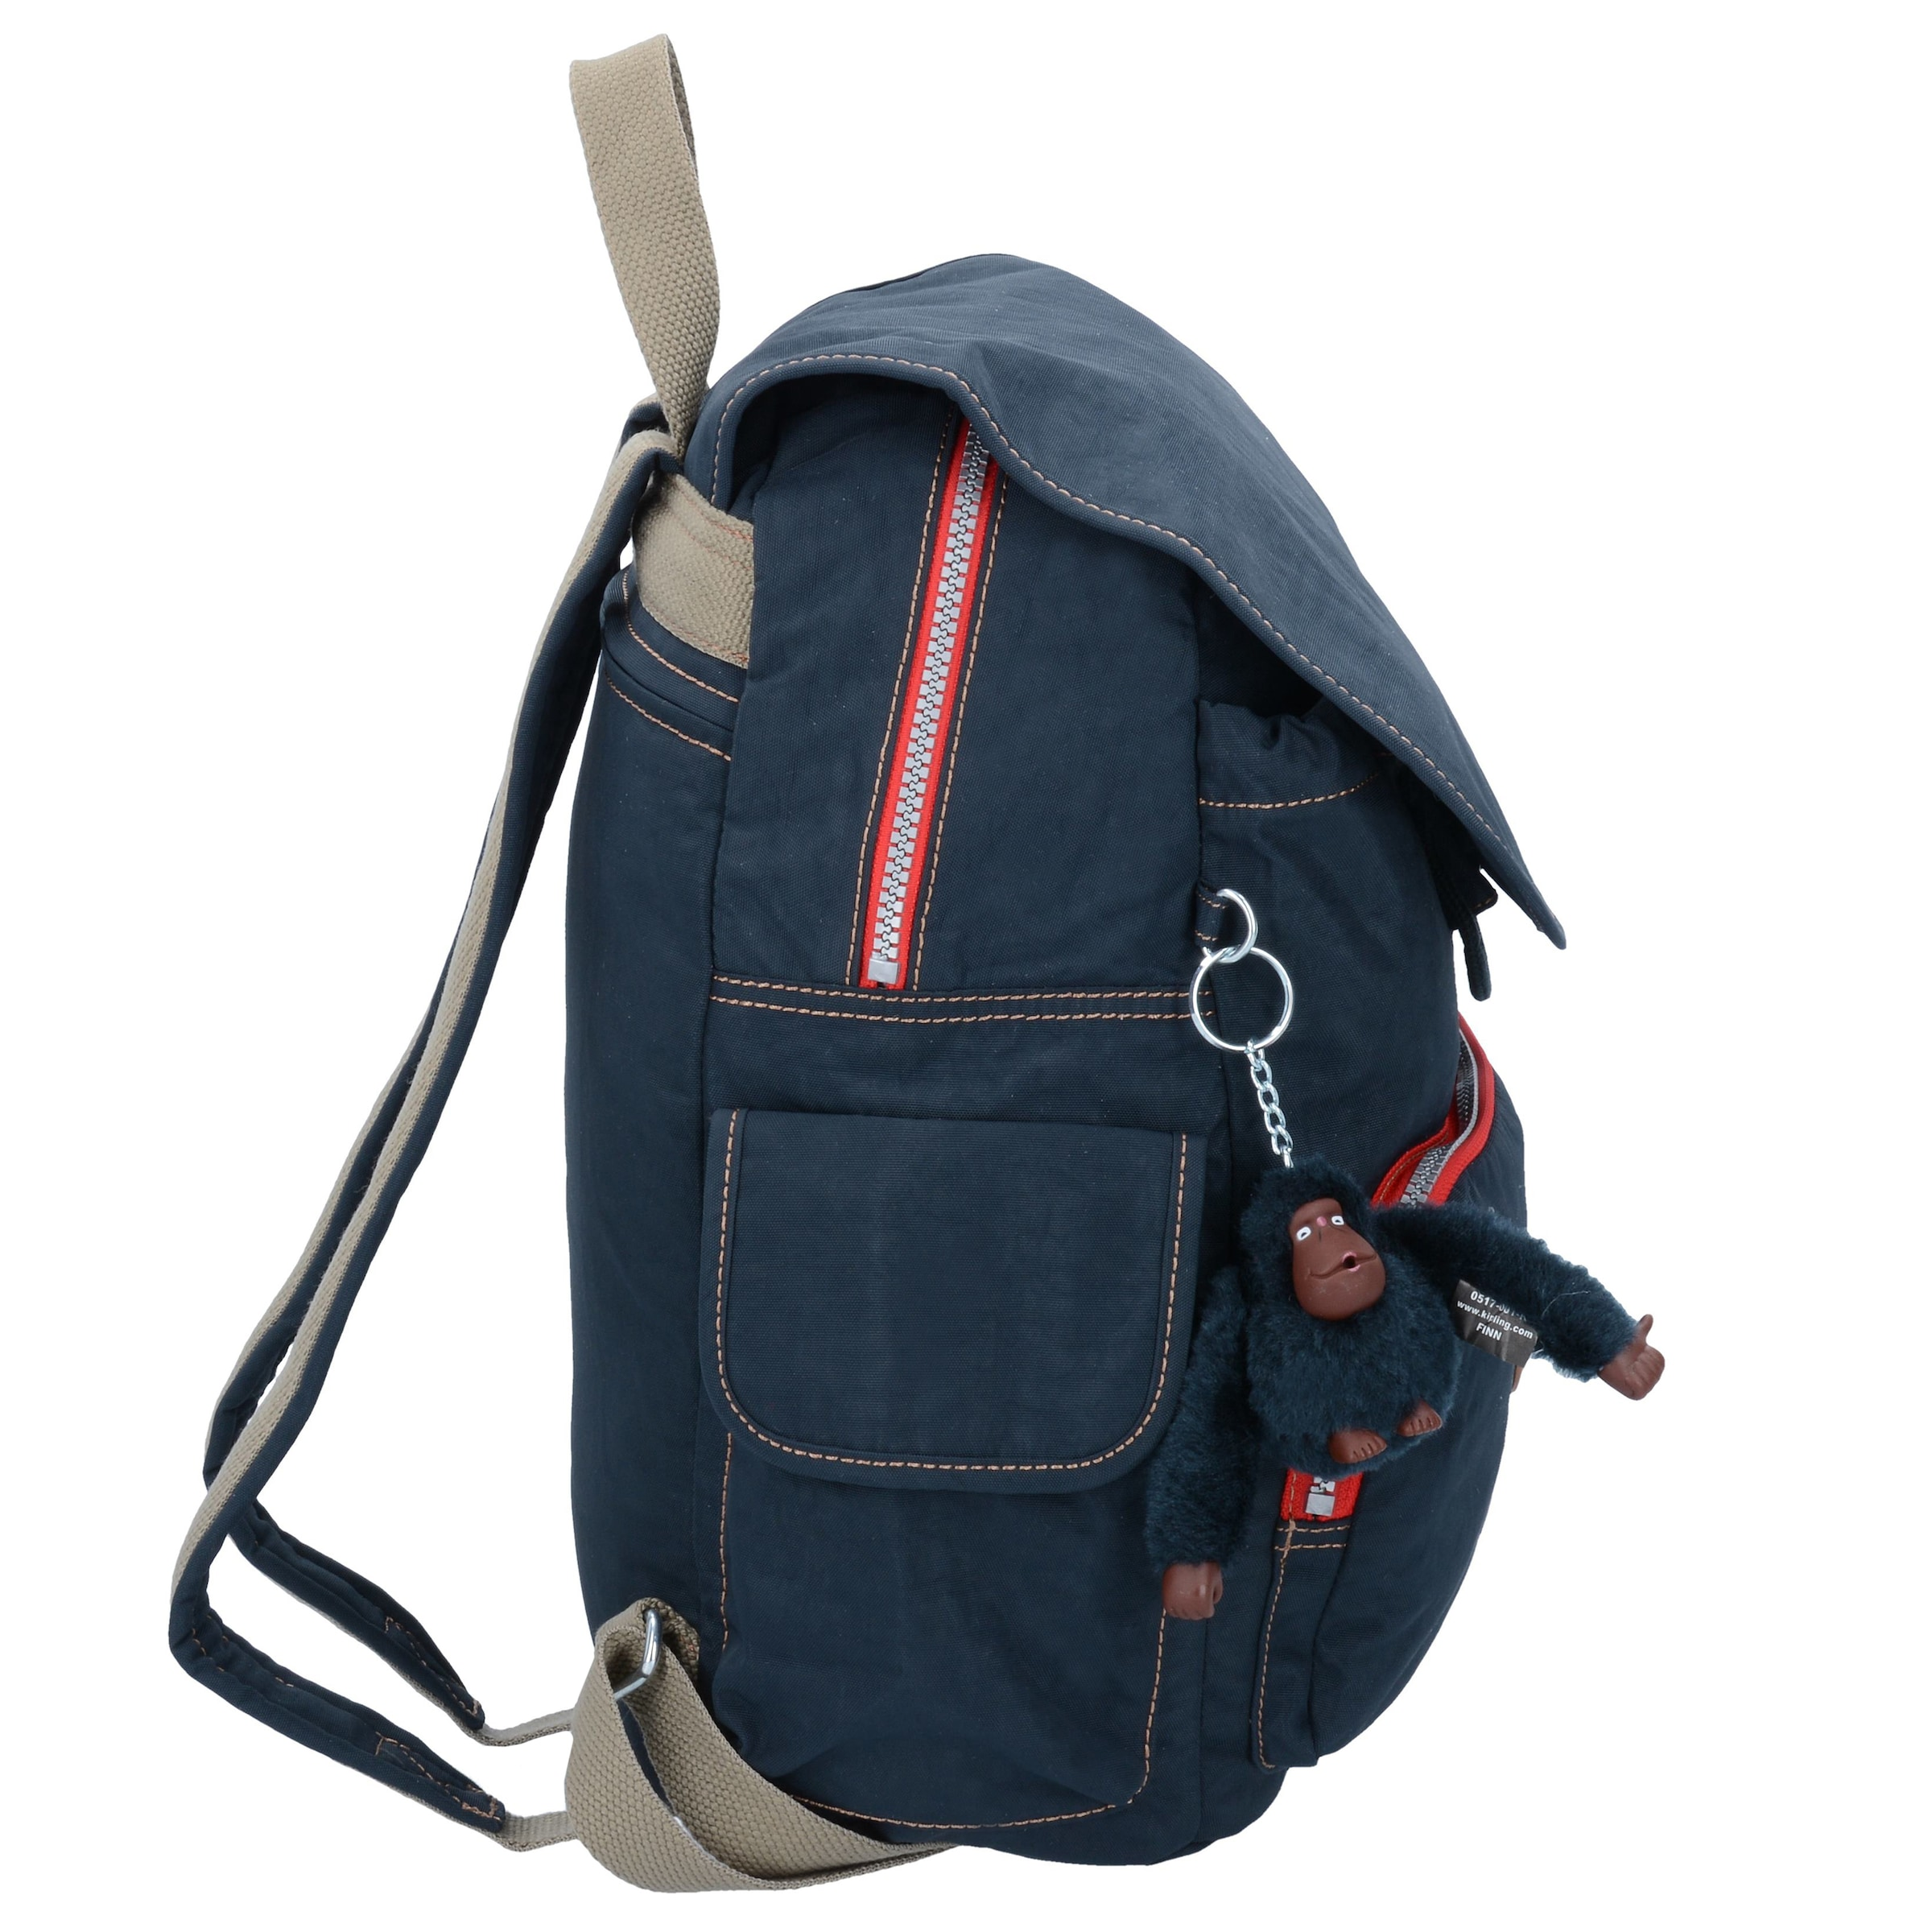 KIPLING Basic City Pack 18 Rucksack 37 cm Große Auswahl An Günstigem Preis Billig Mit Kreditkarte Billig Verkauf 2018 HFXOBu